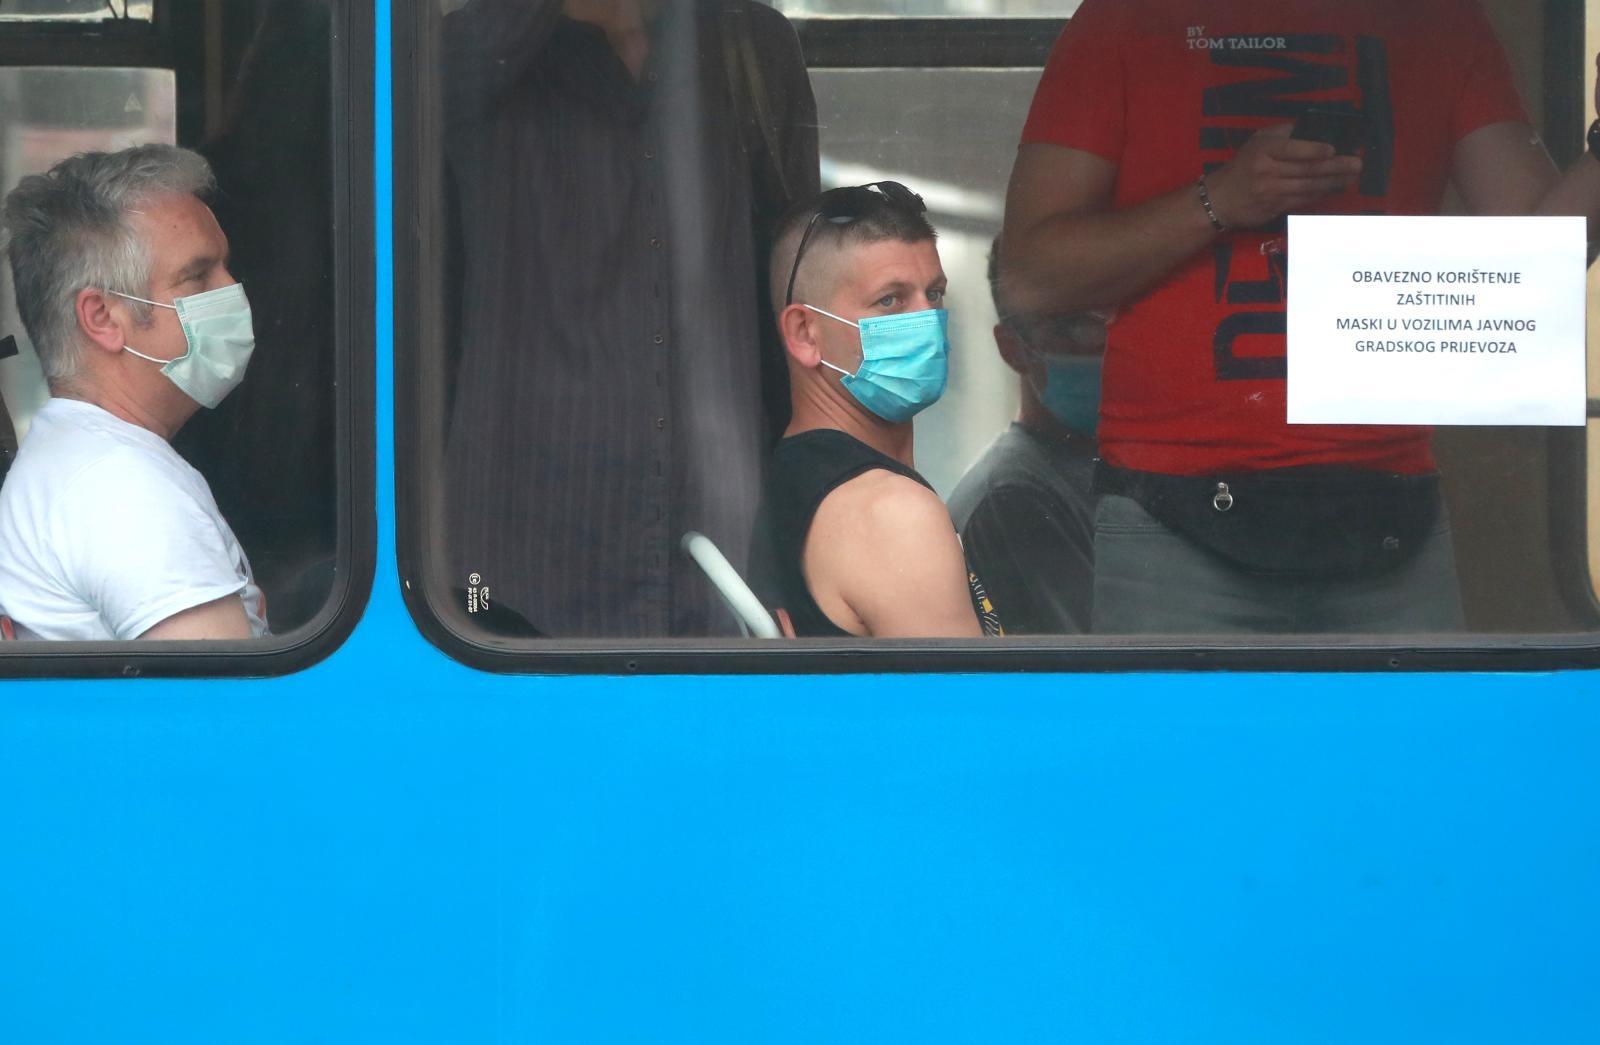 Na tramvaju stoji upozorenje da je nošenje maski obvezno